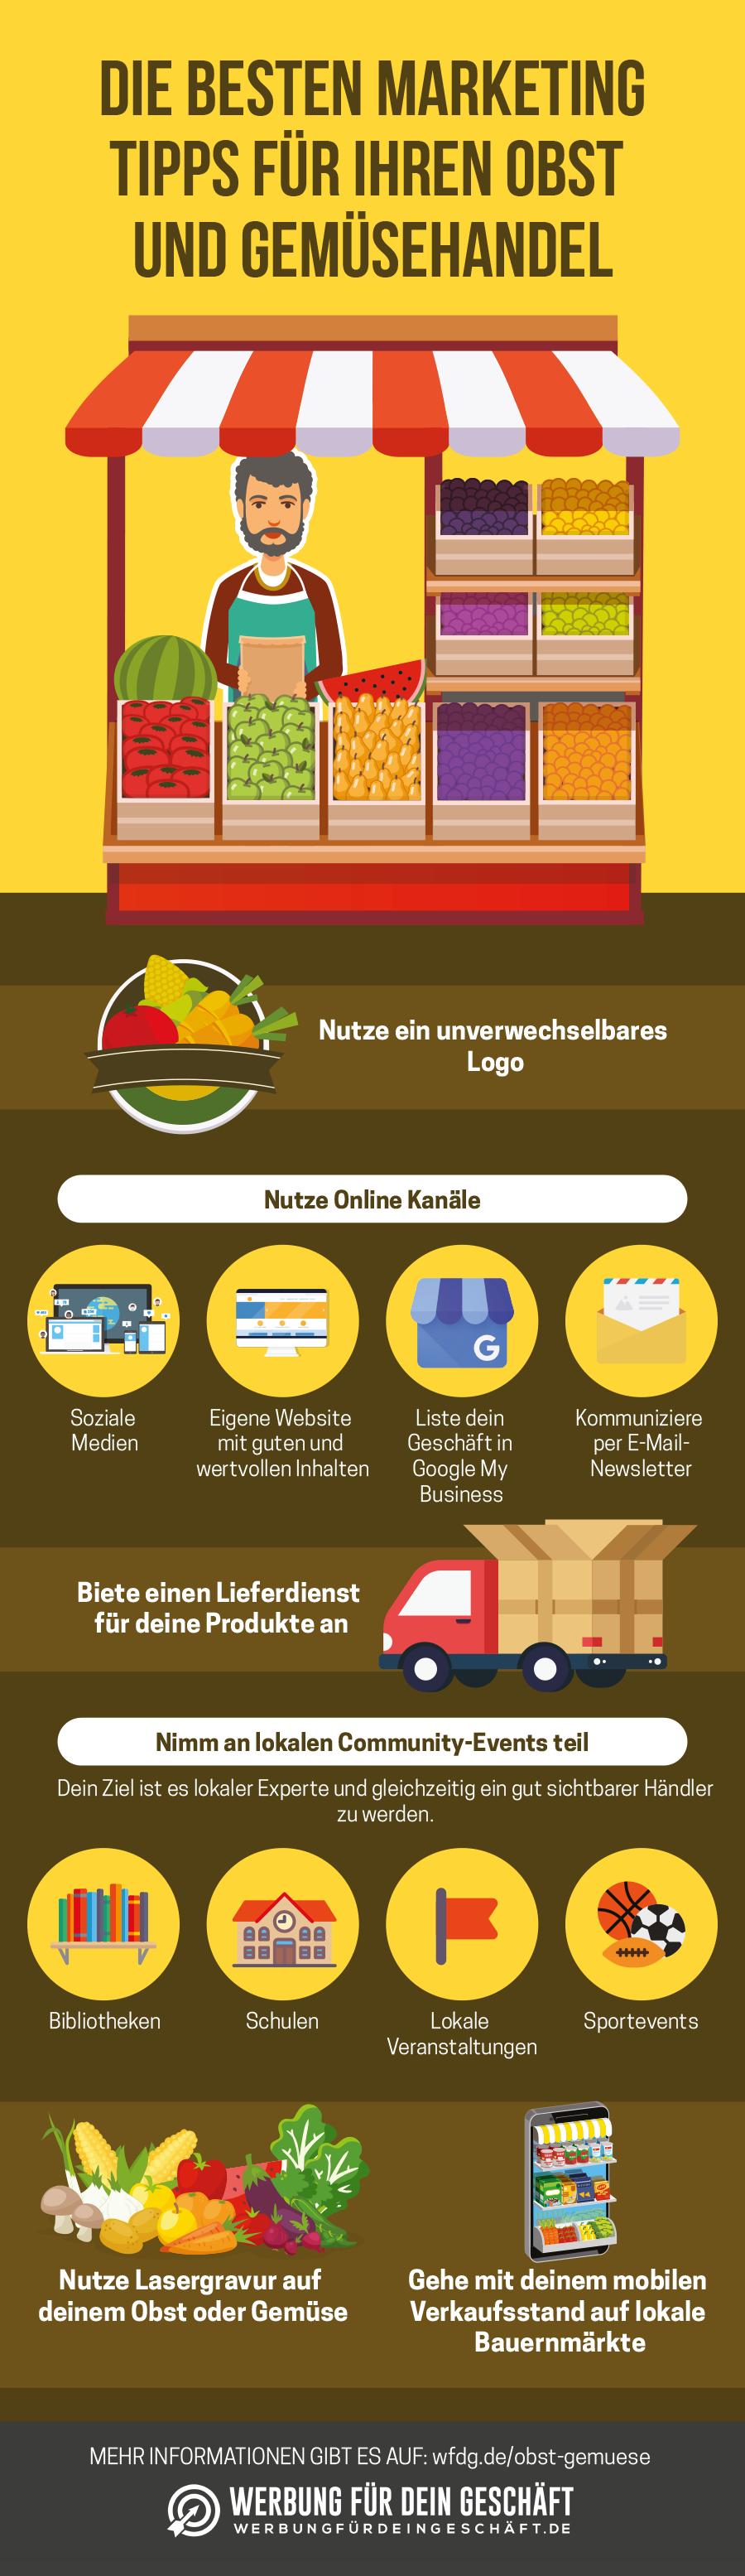 Infografik mit den besten Marketing Tipps für den Obst- und Gemüsehandel